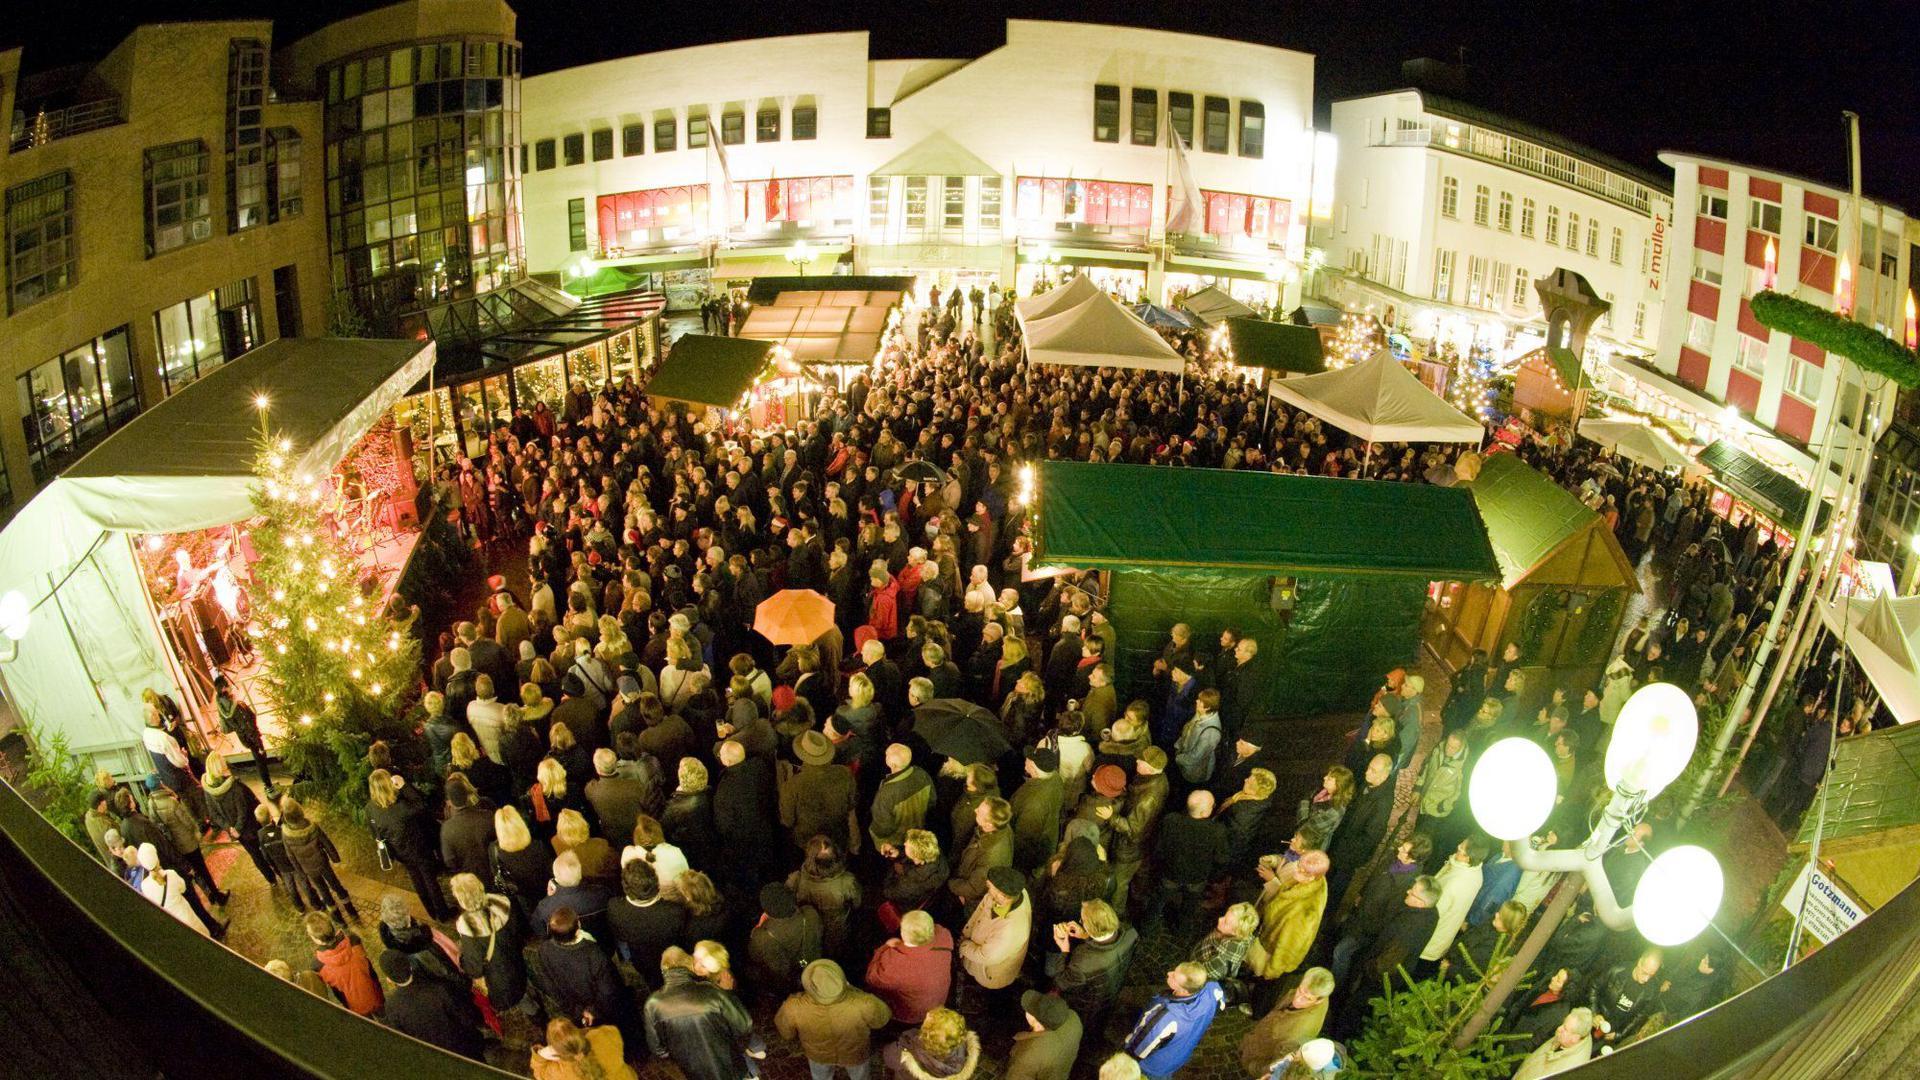 Adventsmarkt Gaggenau Weihnachtsmarkt Marktplatz